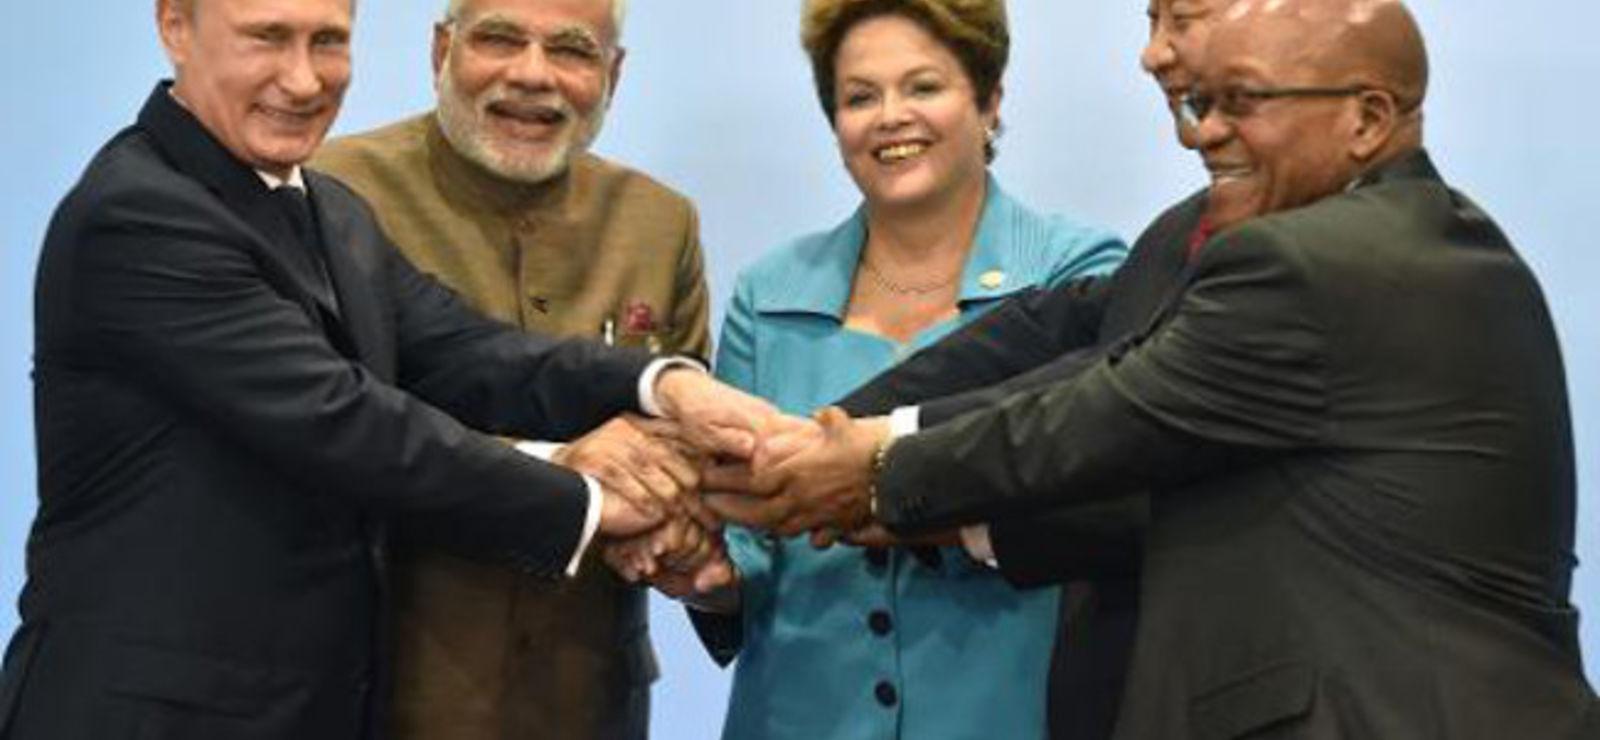 BRICS : le camouflet des pays émergents à l'hégémonie américaine